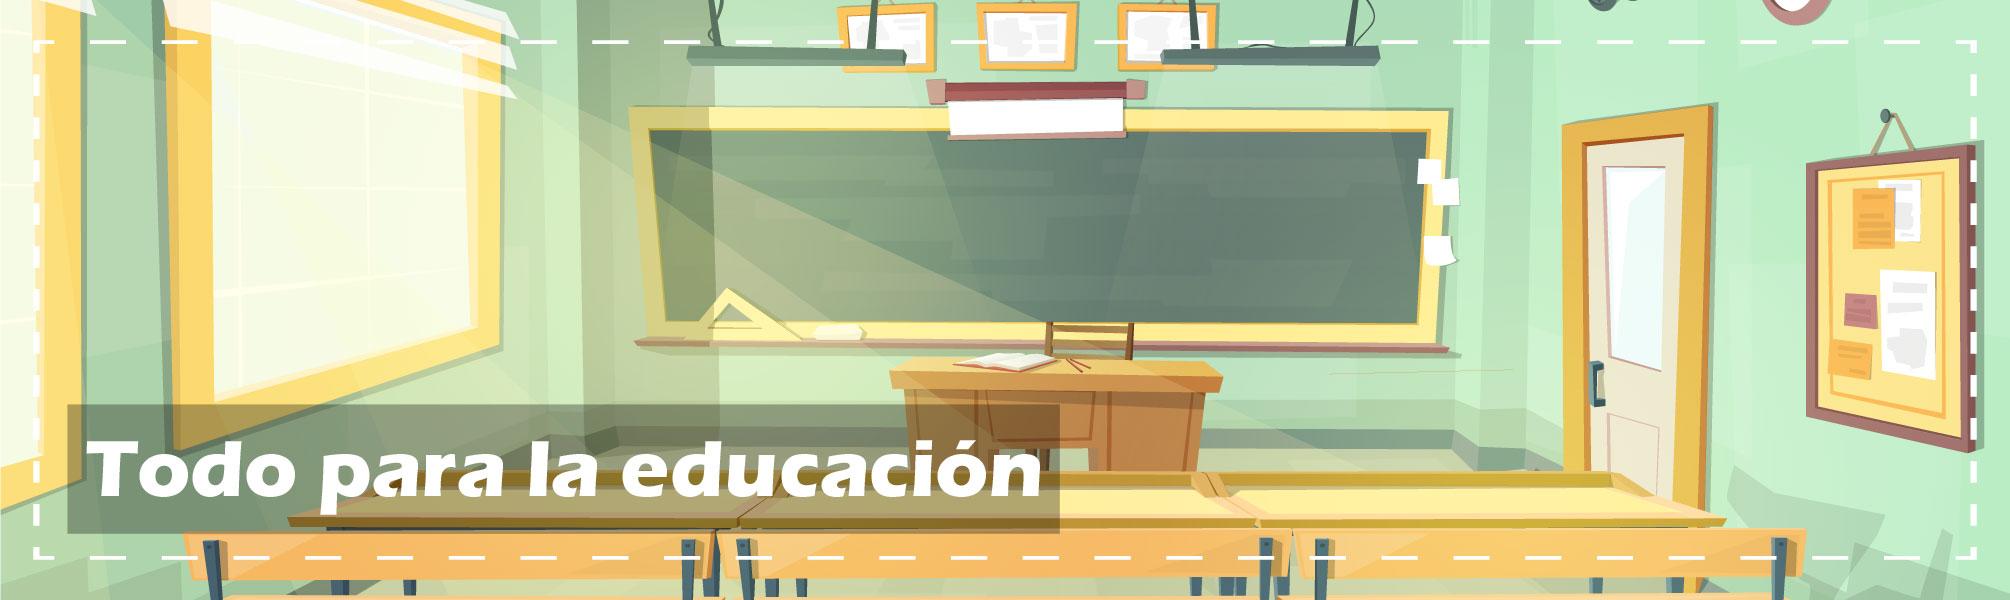 Adrada juegos educativo mobiliario escolar, todo para la educaci&oacuten